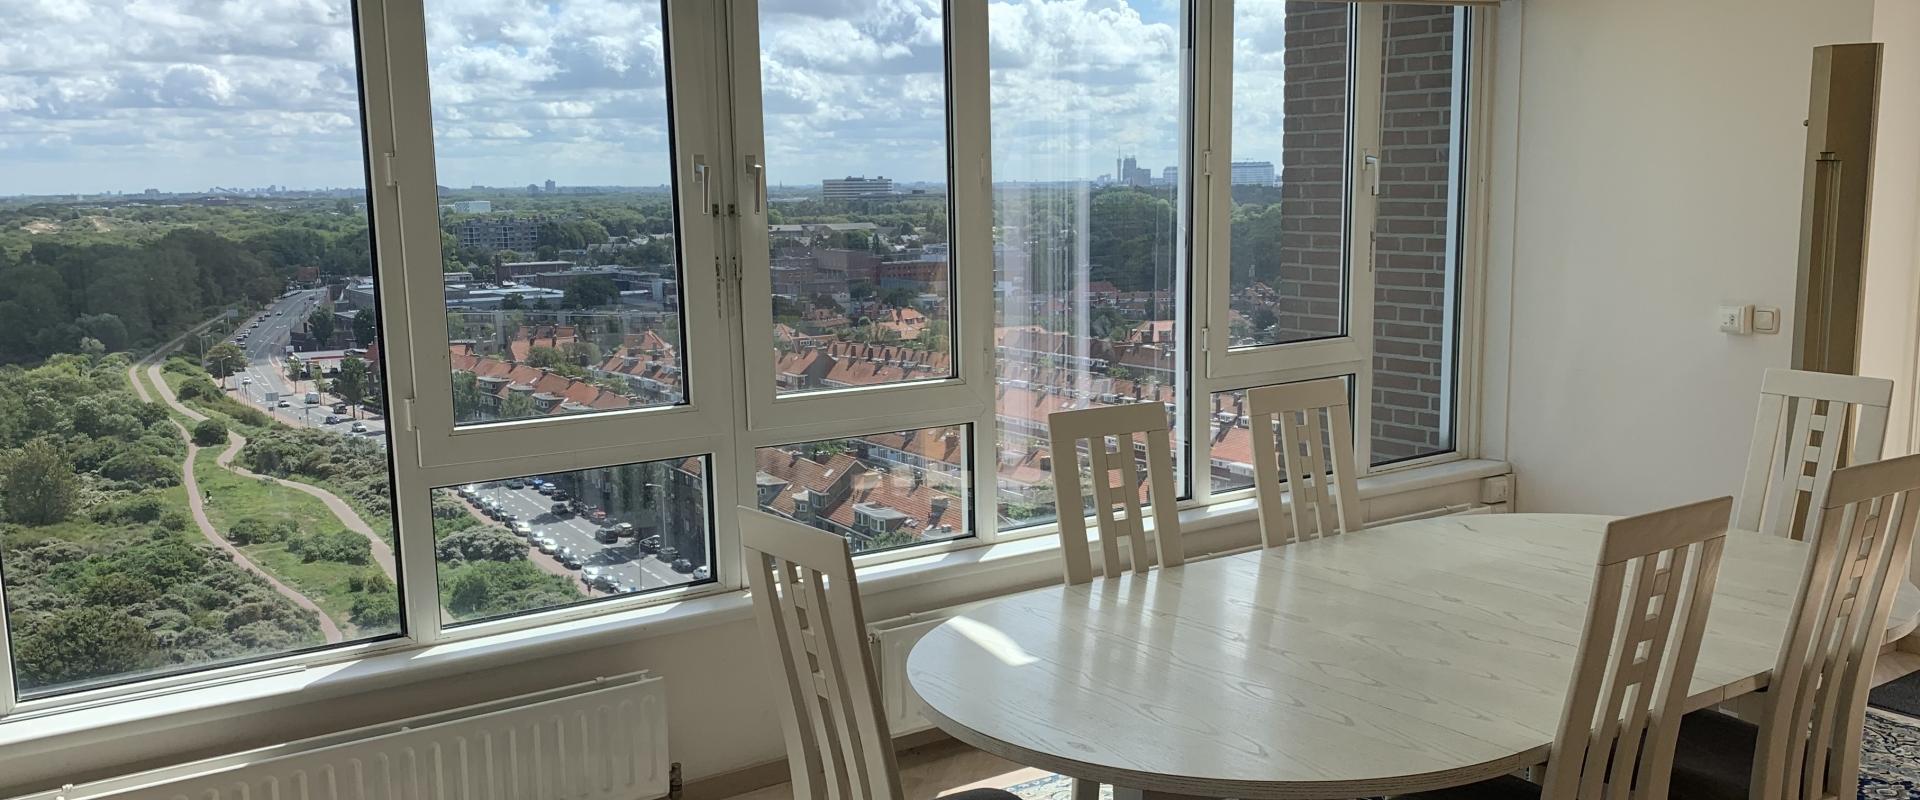 Penthouse te koop in Den Haag --> PENTHOUSE MET OVERWELDIGEND PANORAMISCH UITZICHT!